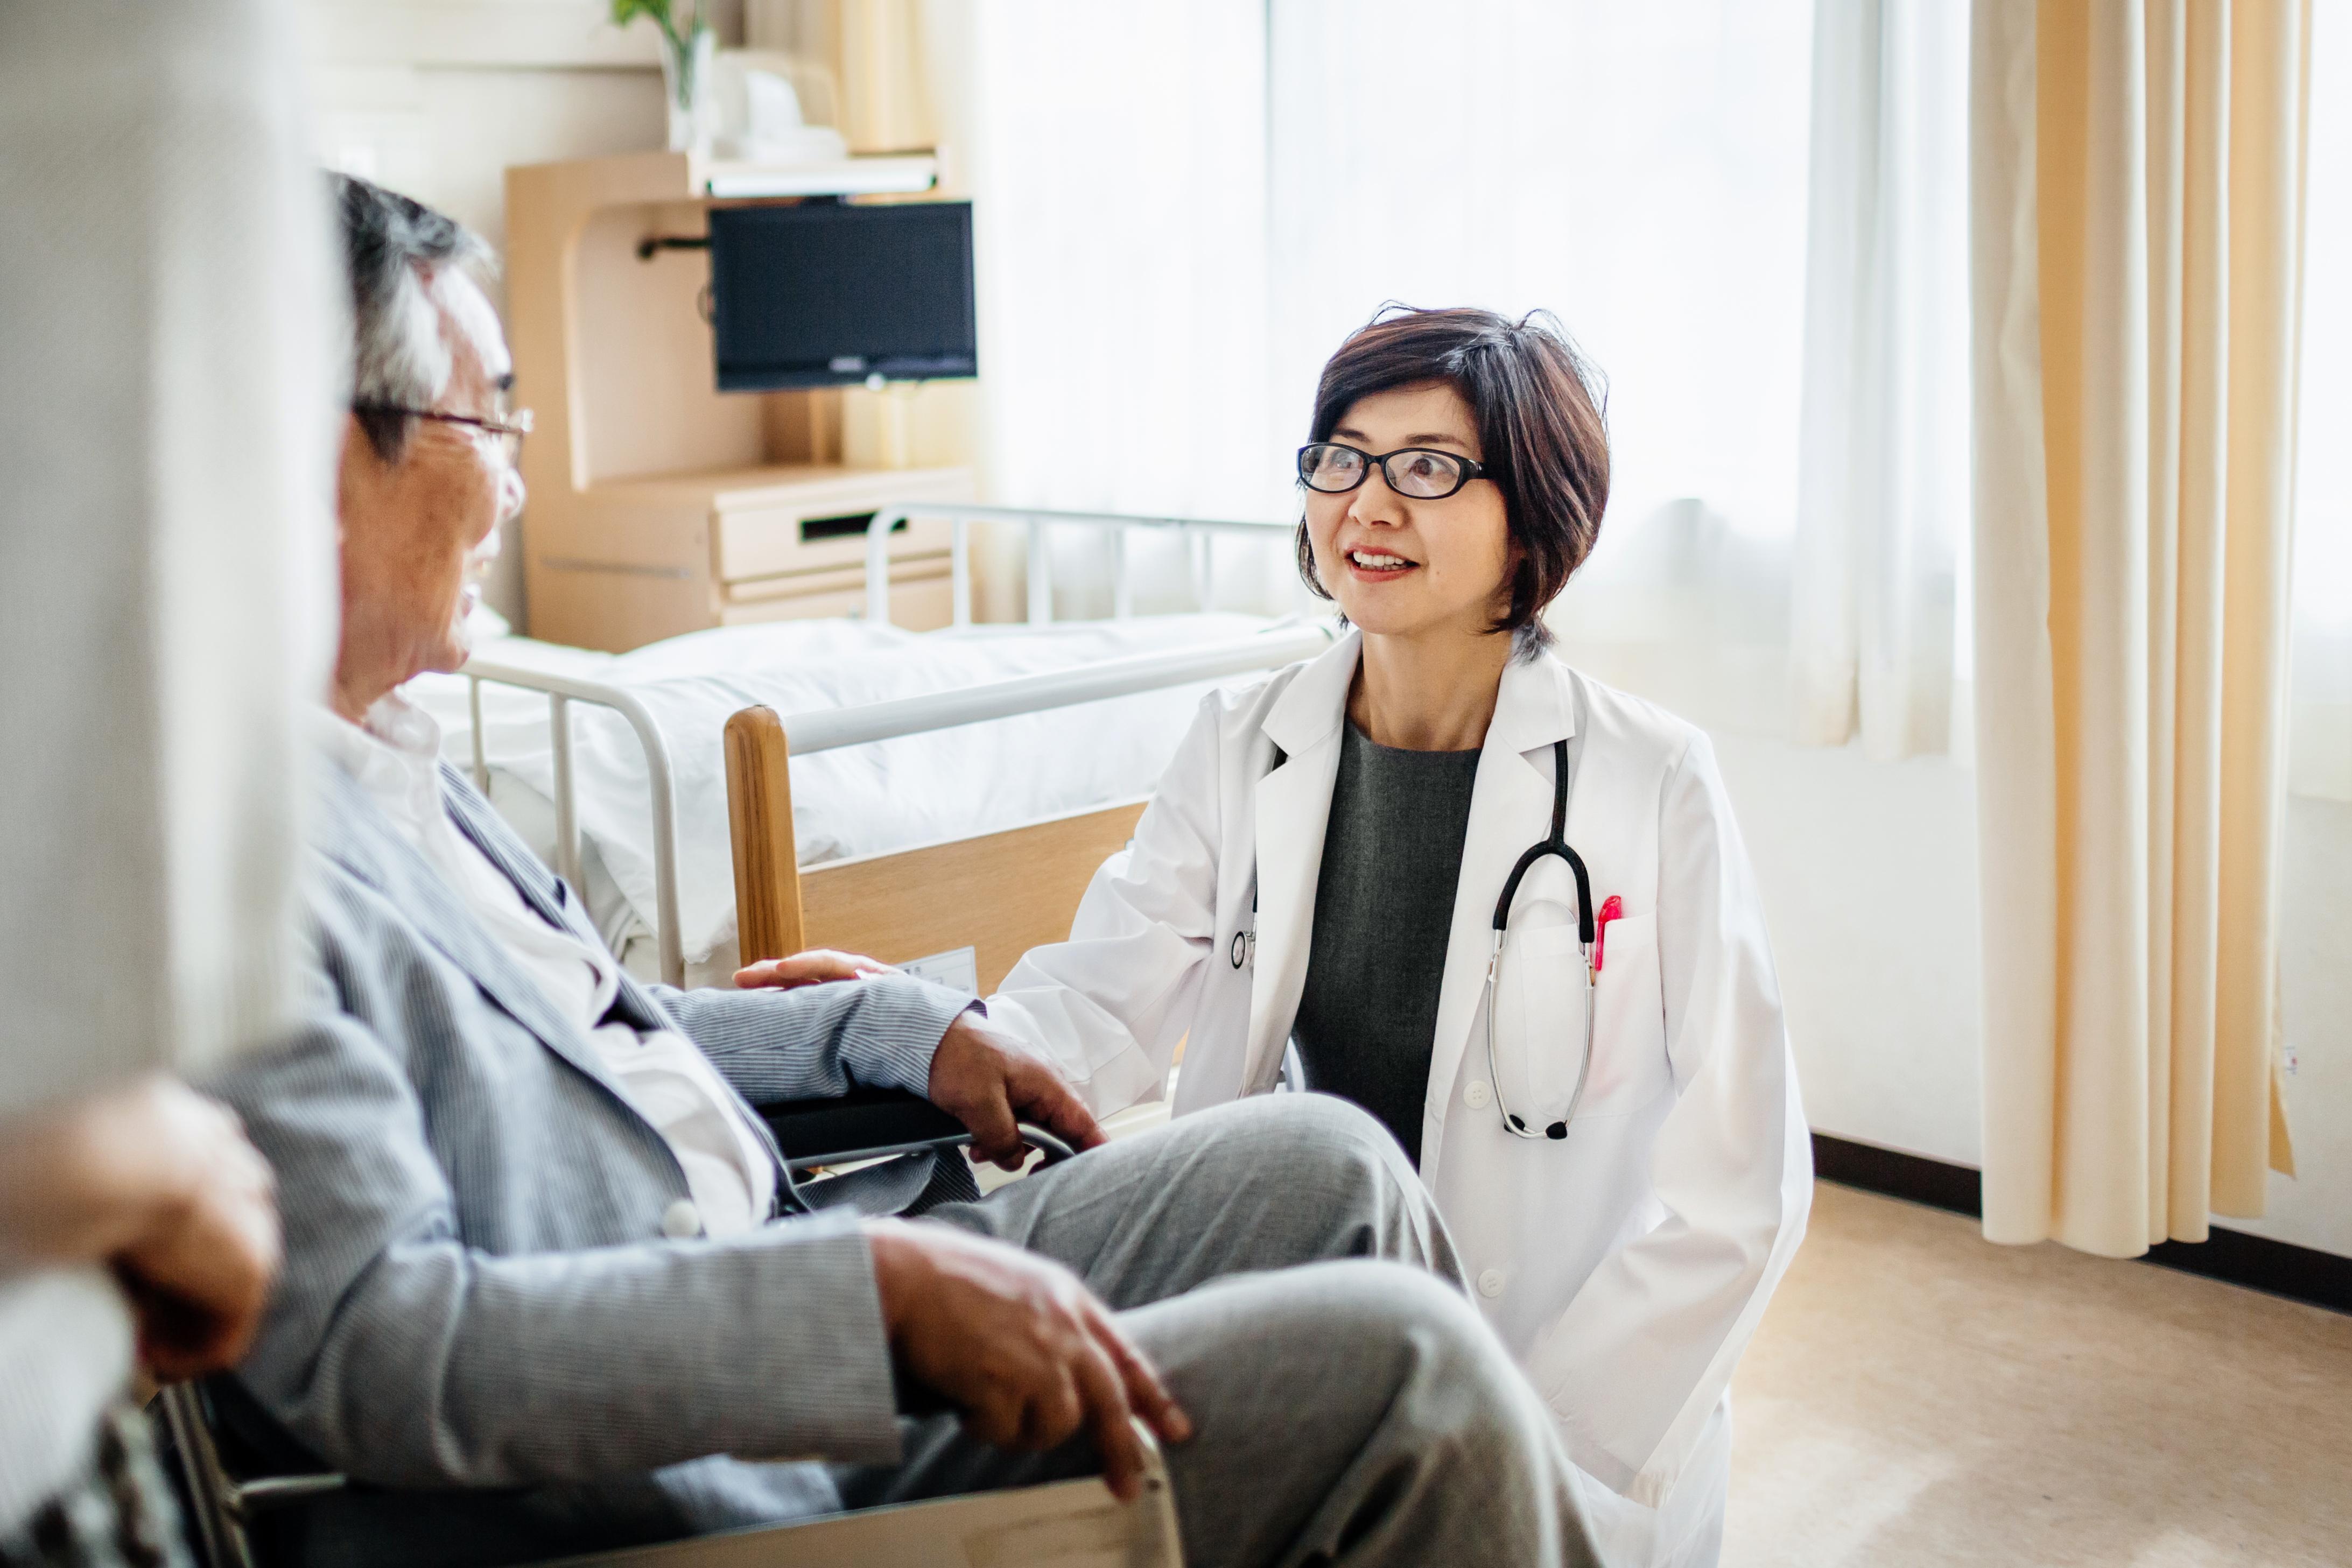 Medicare: Annual Wellness Exam Checklist